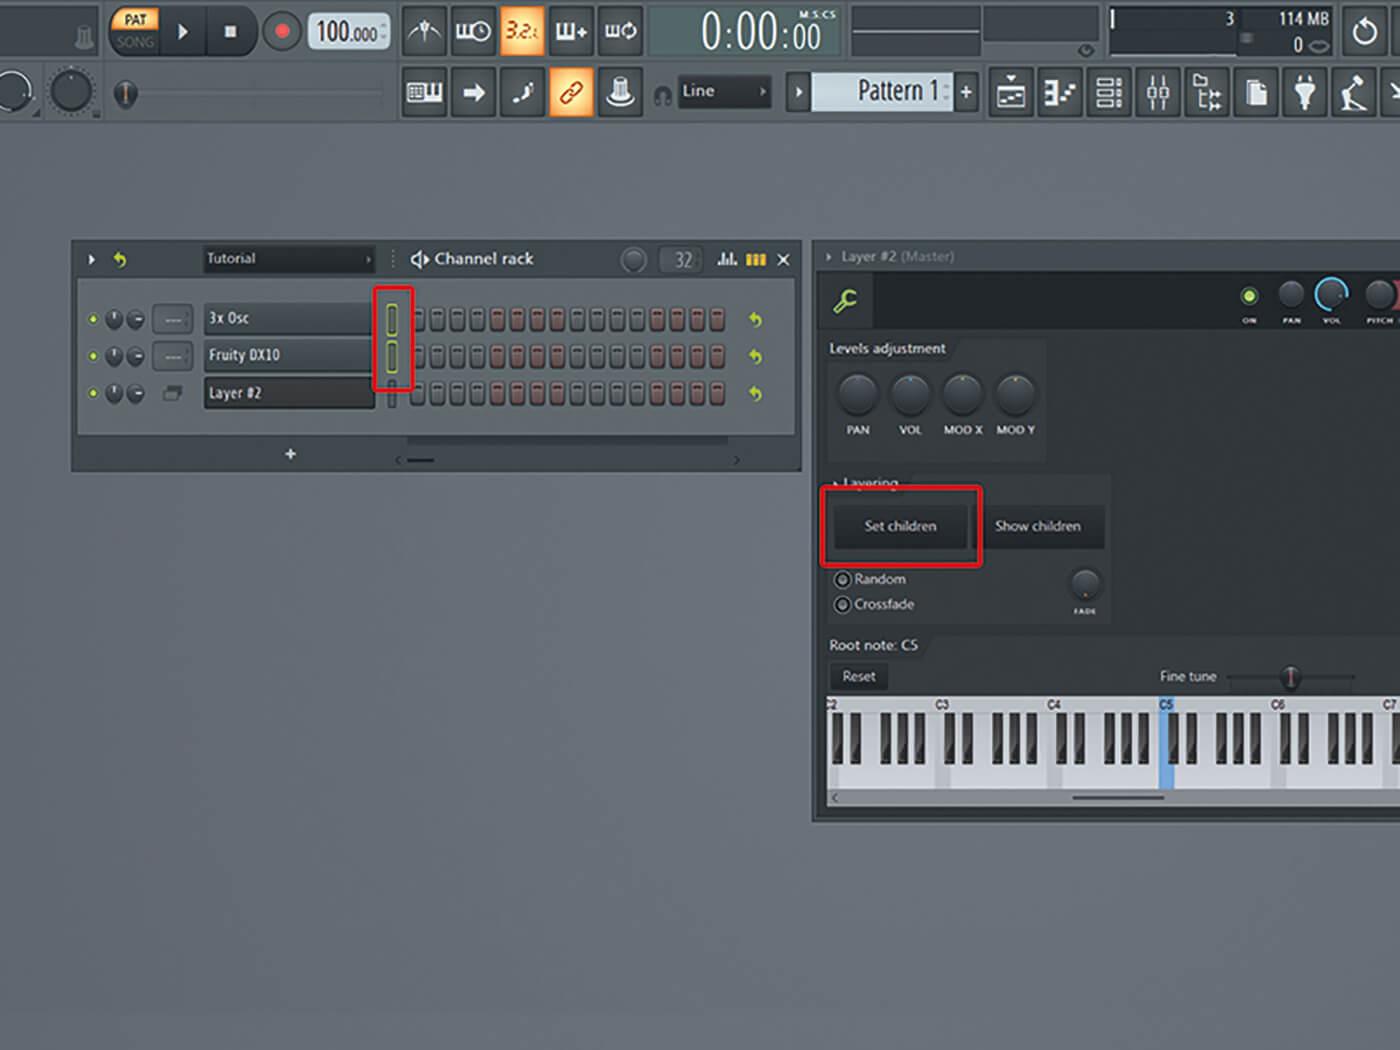 MT 206 TUT FL Studio Part 8